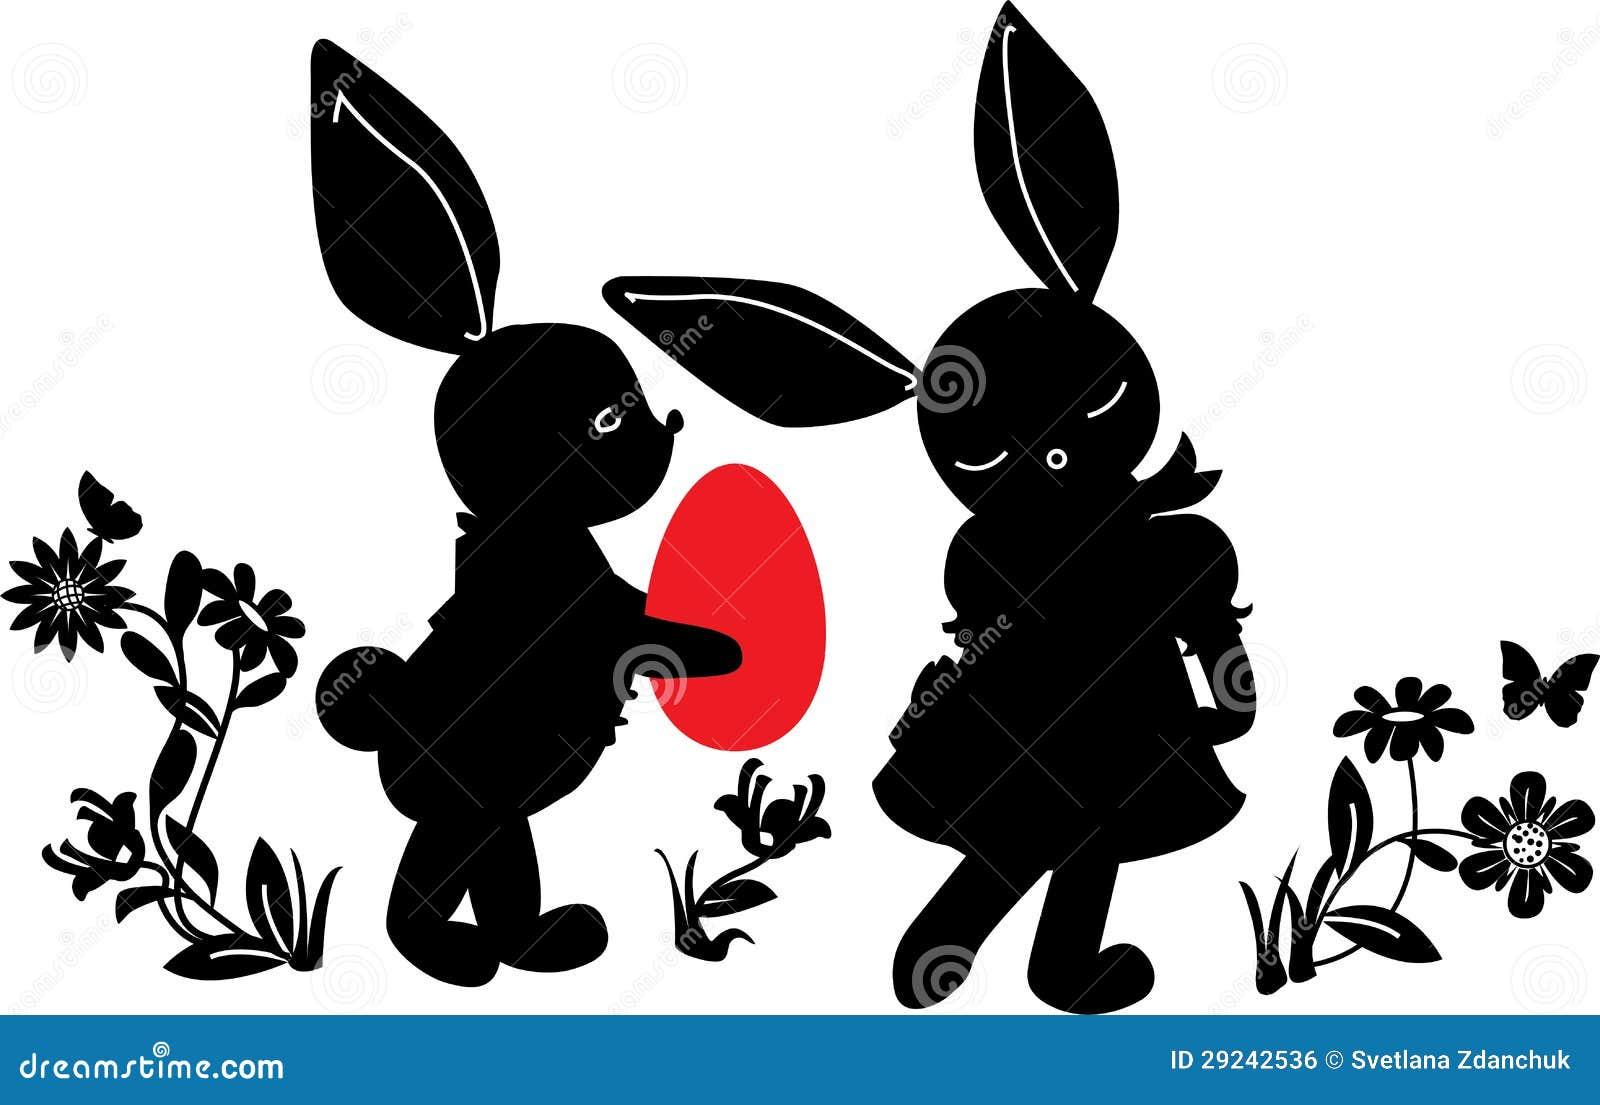 Download Coelhos Com Presente Do Ovo Ilustração do Vetor - Ilustração de revestimento, animal: 29242536